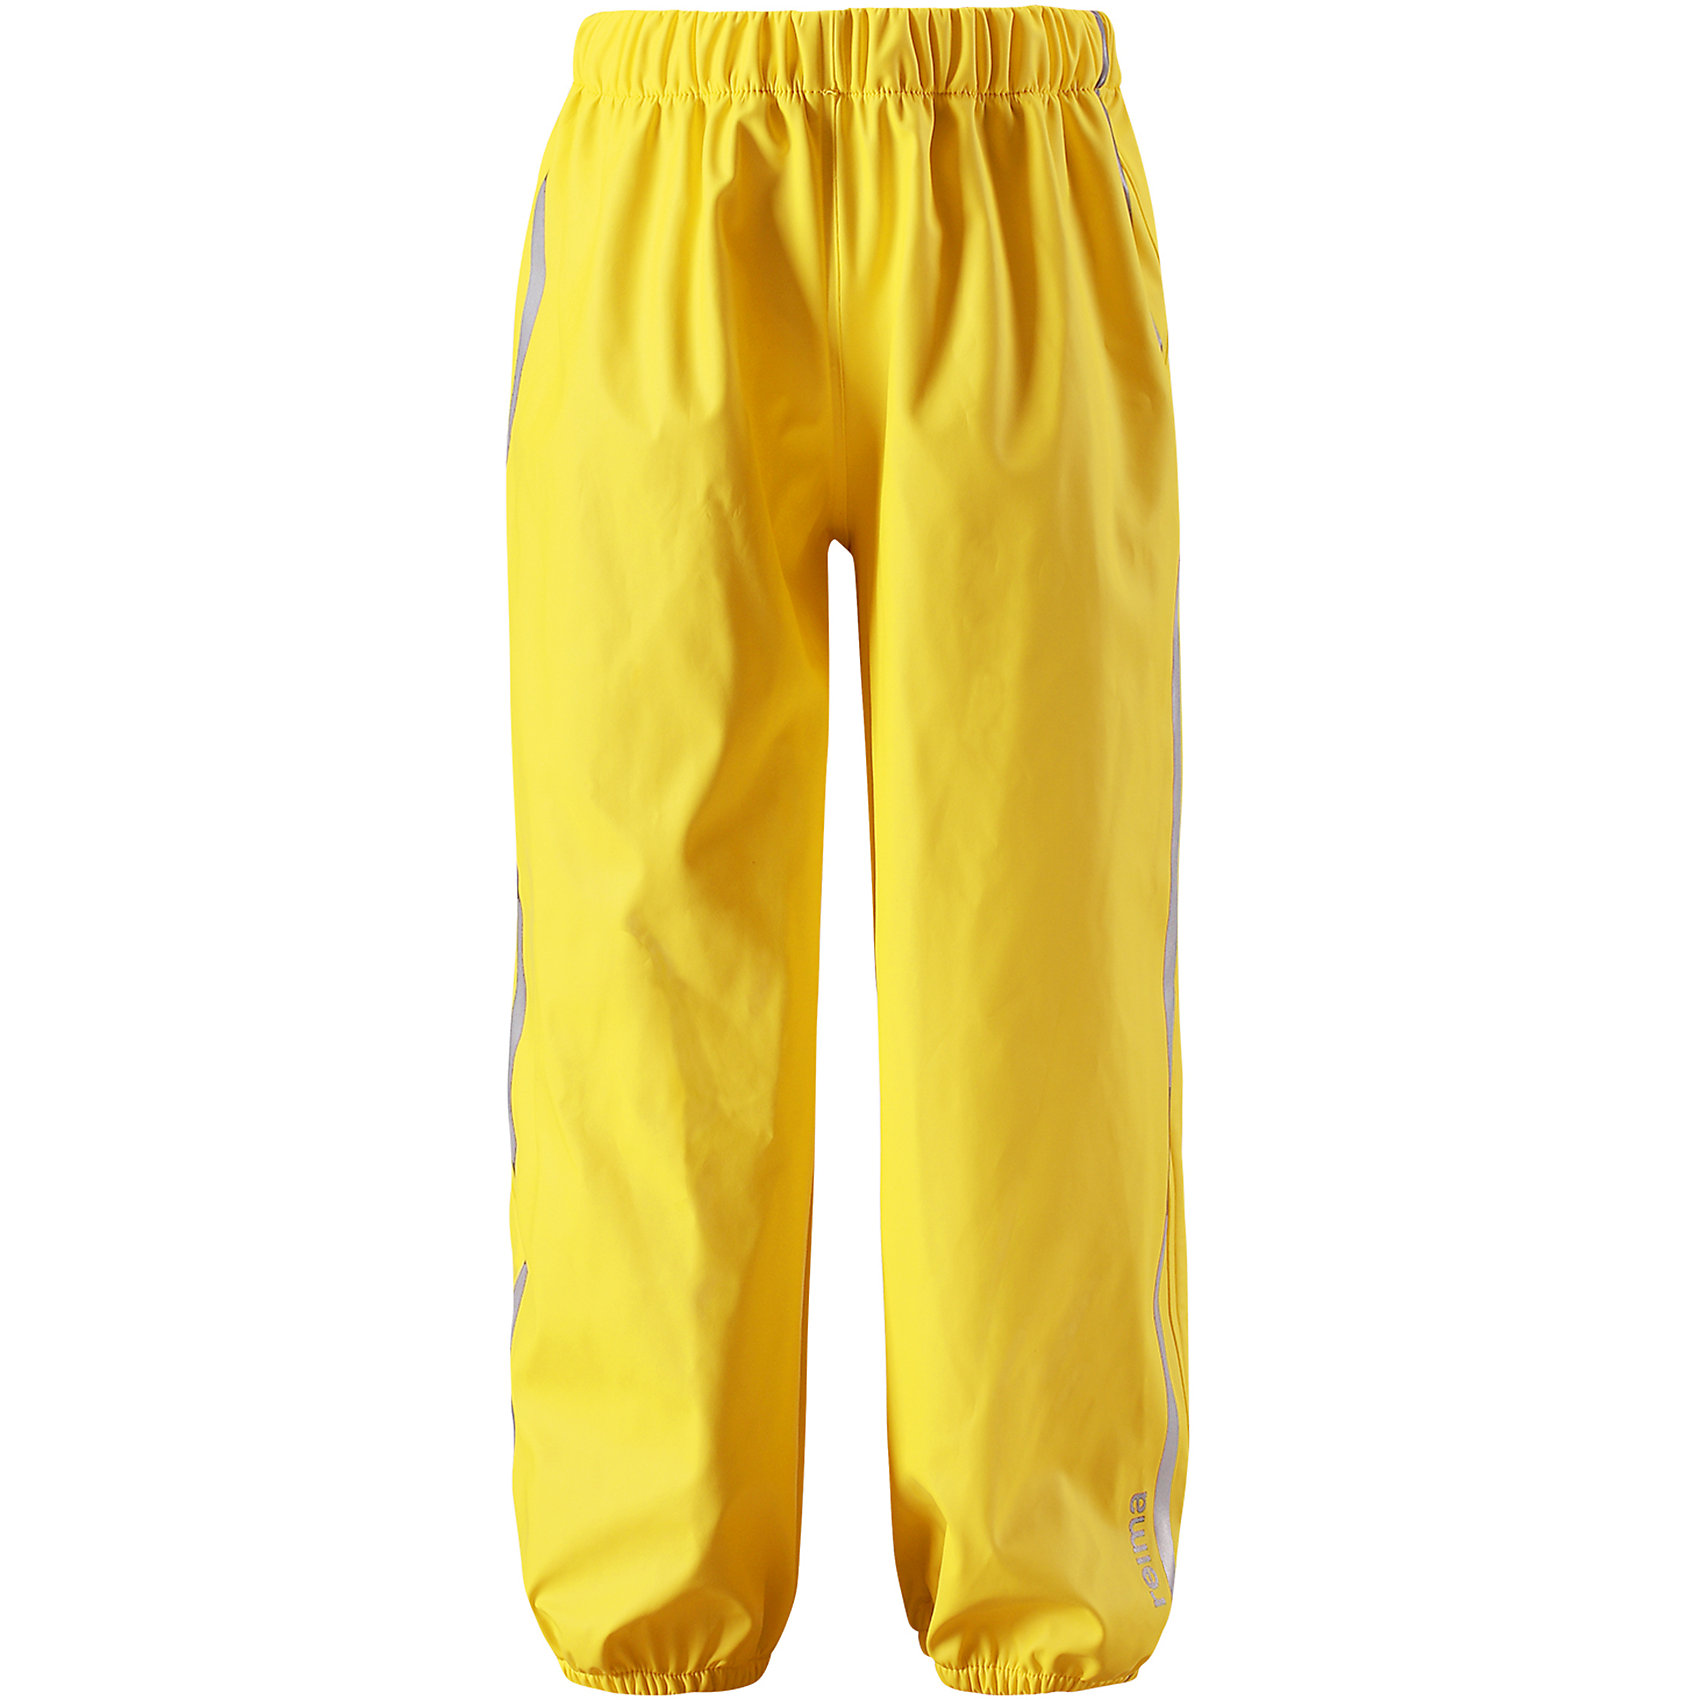 Непромокаемые брюки Oja ReimaОдежда<br>Характеристики товара:<br><br>• цвет: желтый<br>• состав: 100% полиэстер, полиуретановое покрытие<br>• температурный режим: от +10°до +20°С<br>• водонепроницаемость: 10000 мм<br>• без утеплителя<br>• эластичный материал<br>• водонепроницаемый материал с запаянными швами<br>• не содержит ПВХ<br>• эластичная талия<br>• эластичные манжеты на брючинах<br>• комфортная посадка<br>• съемные штрипки в размерах от 104 до 128 см<br>• светоотражающие детали<br>• страна производства: Китай<br>• страна бренда: Финляндия<br>• коллекция: весна-лето 2017<br><br>Демисезонные брюки помогут обеспечить ребенку комфорт и тепло. Они отлично смотрятся с различным верхом. Изделие удобно сидит и модно выглядит. Материал отлично подходит для дождливой погоды. Стильный дизайн разрабатывался специально для детей.<br><br>Обувь и одежда от финского бренда Reima пользуются популярностью во многих странах. Они стильные, качественные и удобные. Для производства продукции используются только безопасные, проверенные материалы и фурнитура. Порадуйте ребенка модными и красивыми вещами от Lassie®! <br><br>Брюки от финского бренда Reima (Рейма) можно купить в нашем интернет-магазине.<br><br>Ширина мм: 215<br>Глубина мм: 88<br>Высота мм: 191<br>Вес г: 336<br>Цвет: желтый<br>Возраст от месяцев: 108<br>Возраст до месяцев: 120<br>Пол: Унисекс<br>Возраст: Детский<br>Размер: 140,104,110,116,122,128,134<br>SKU: 5268250